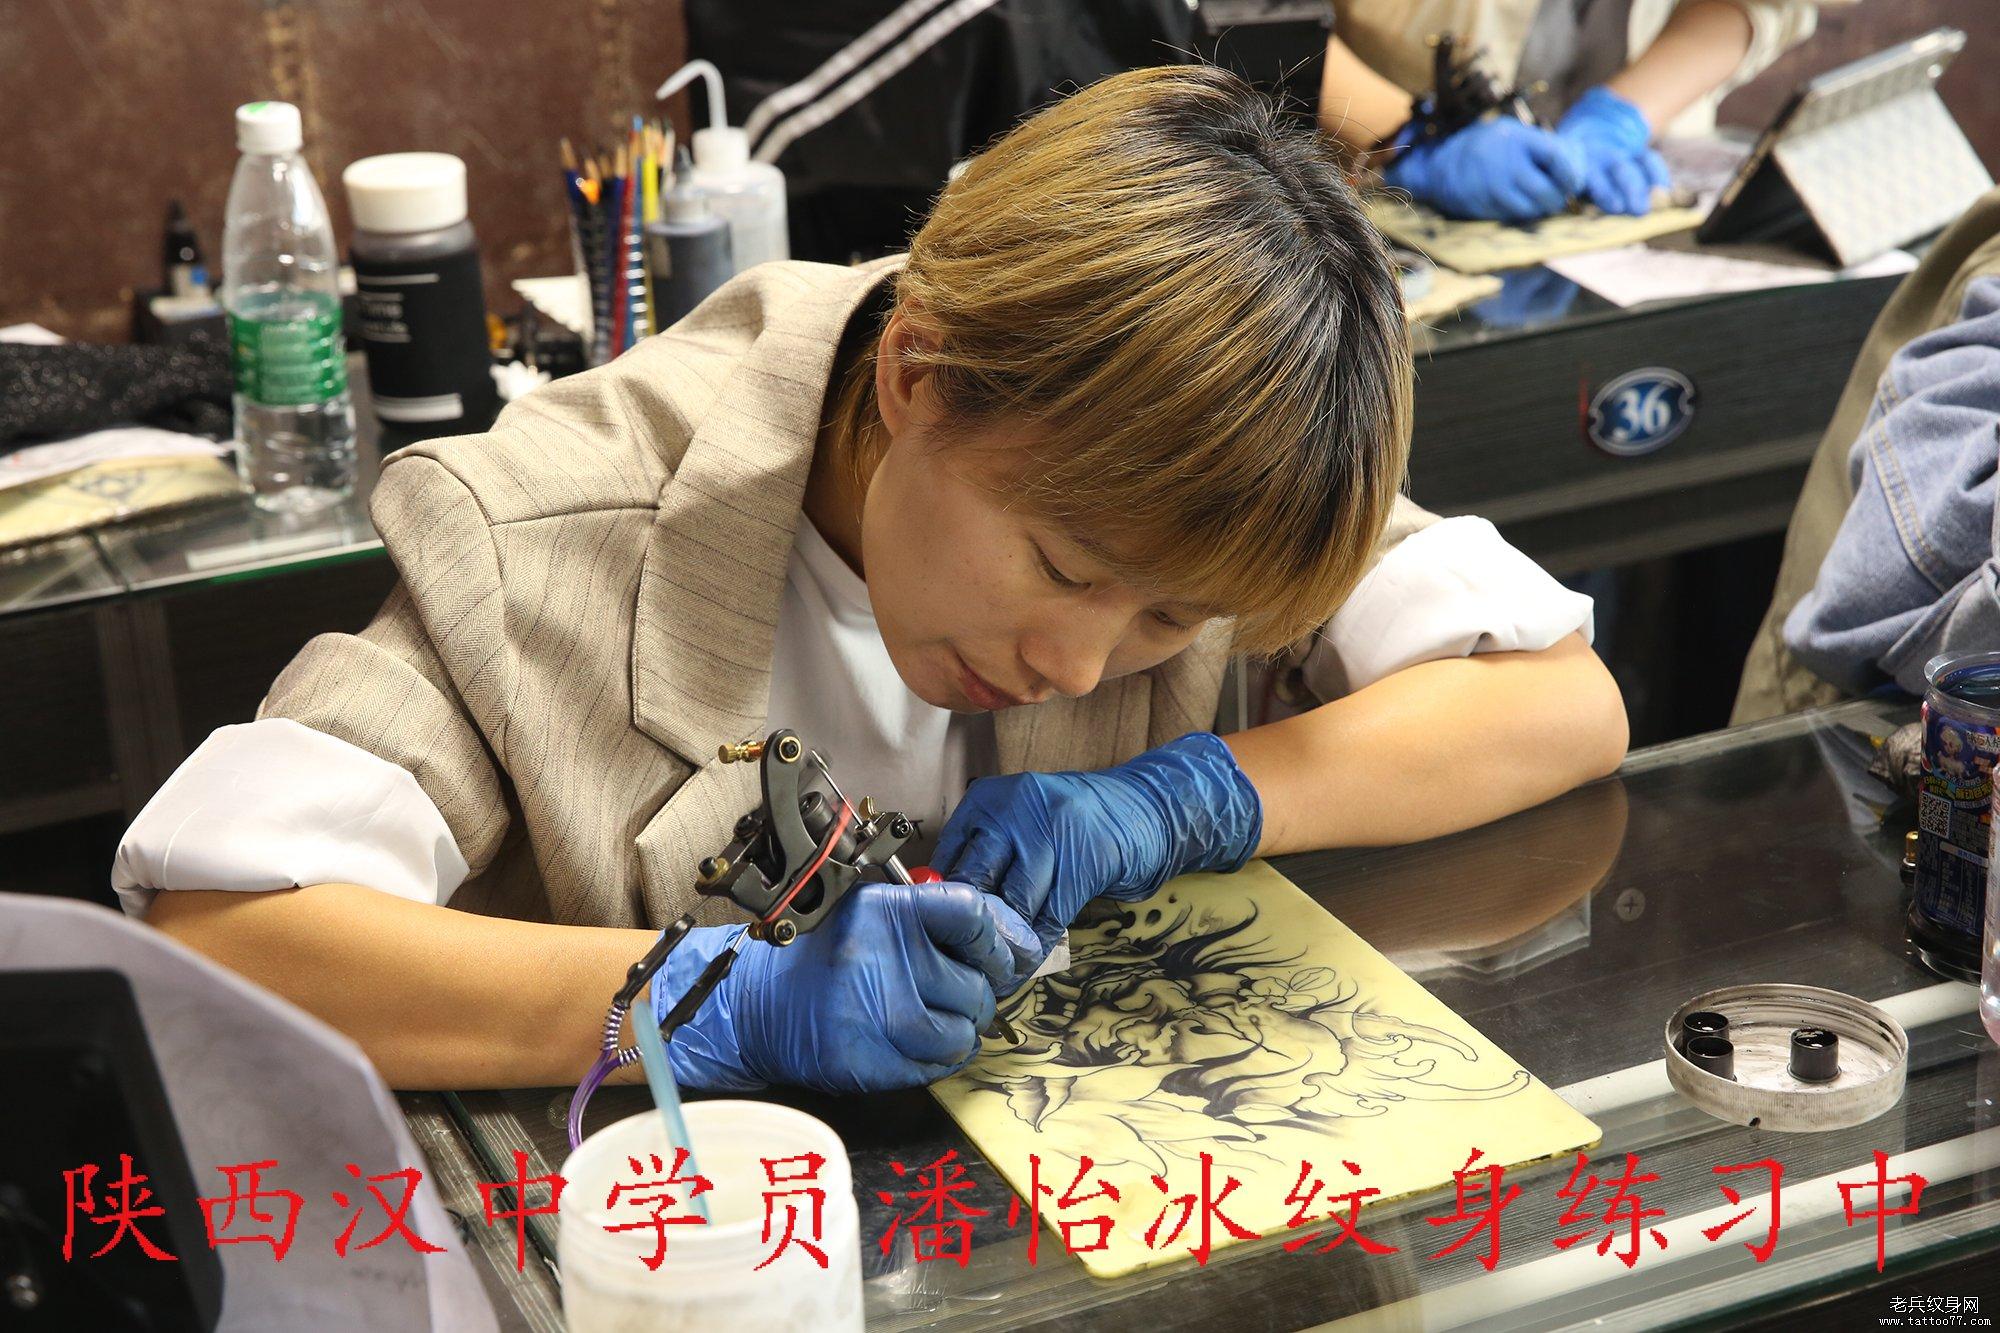 陕西汉中学员潘怡冰纹身练习中